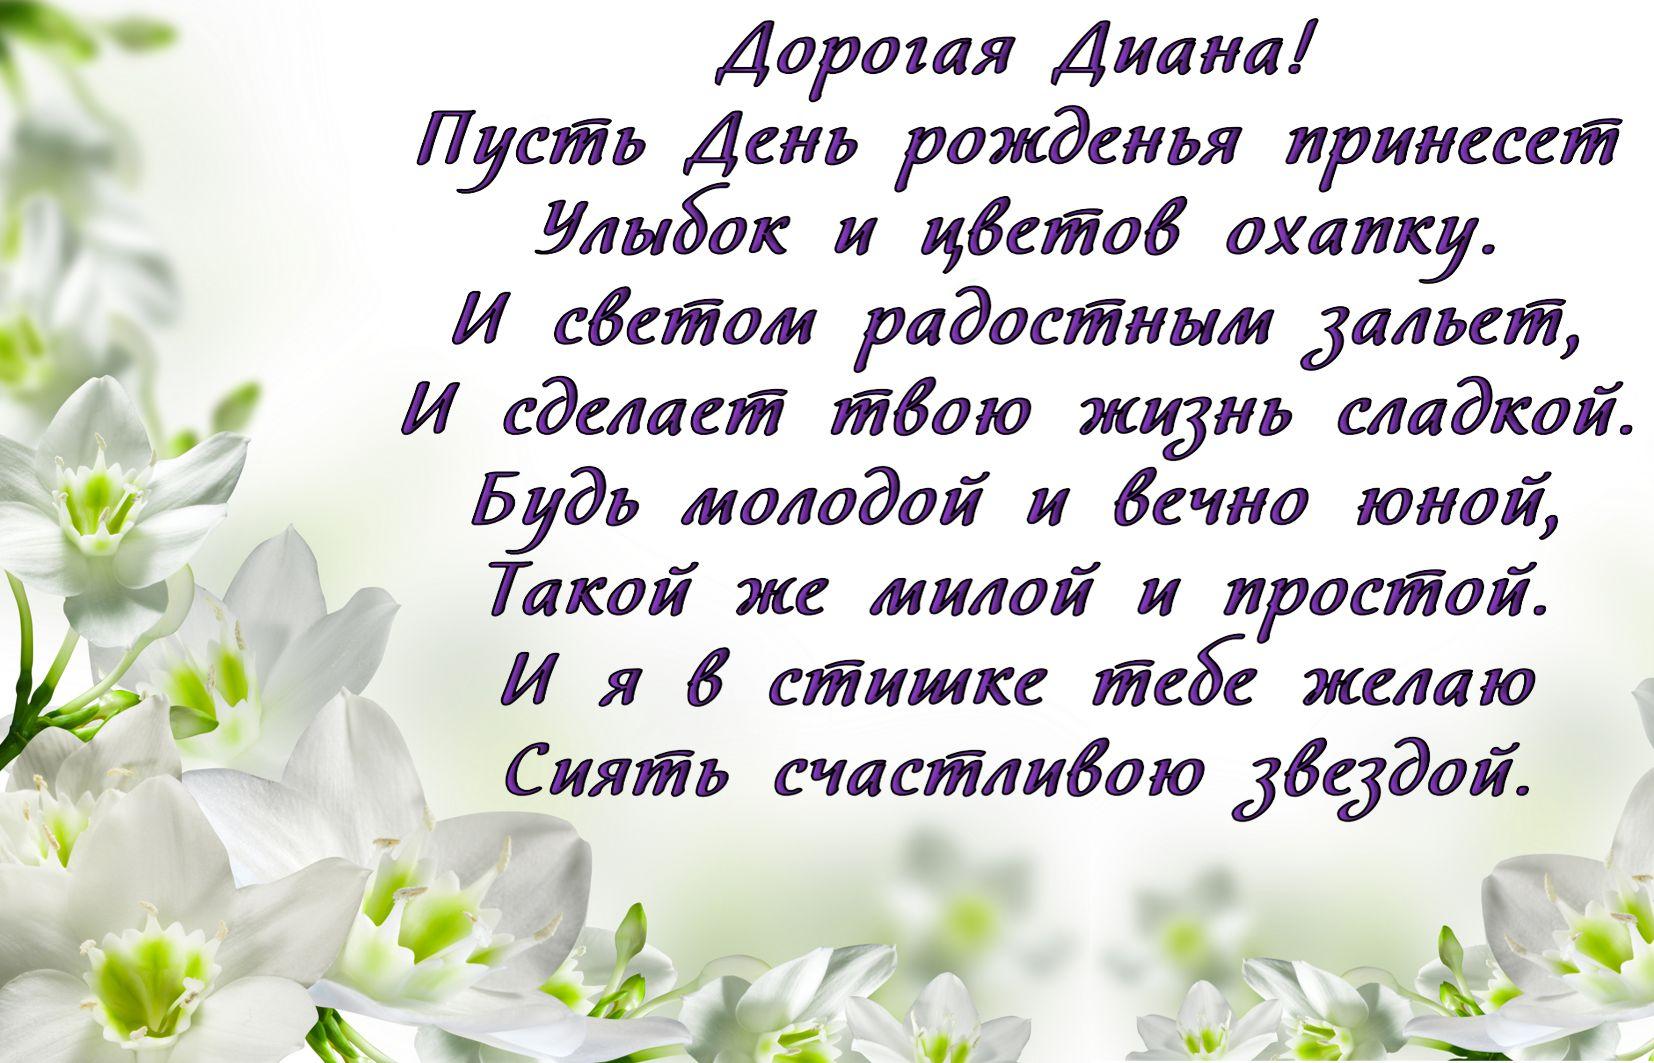 Открытка с Днем рождения Диане - красивое пожелание на фоне белых цветов